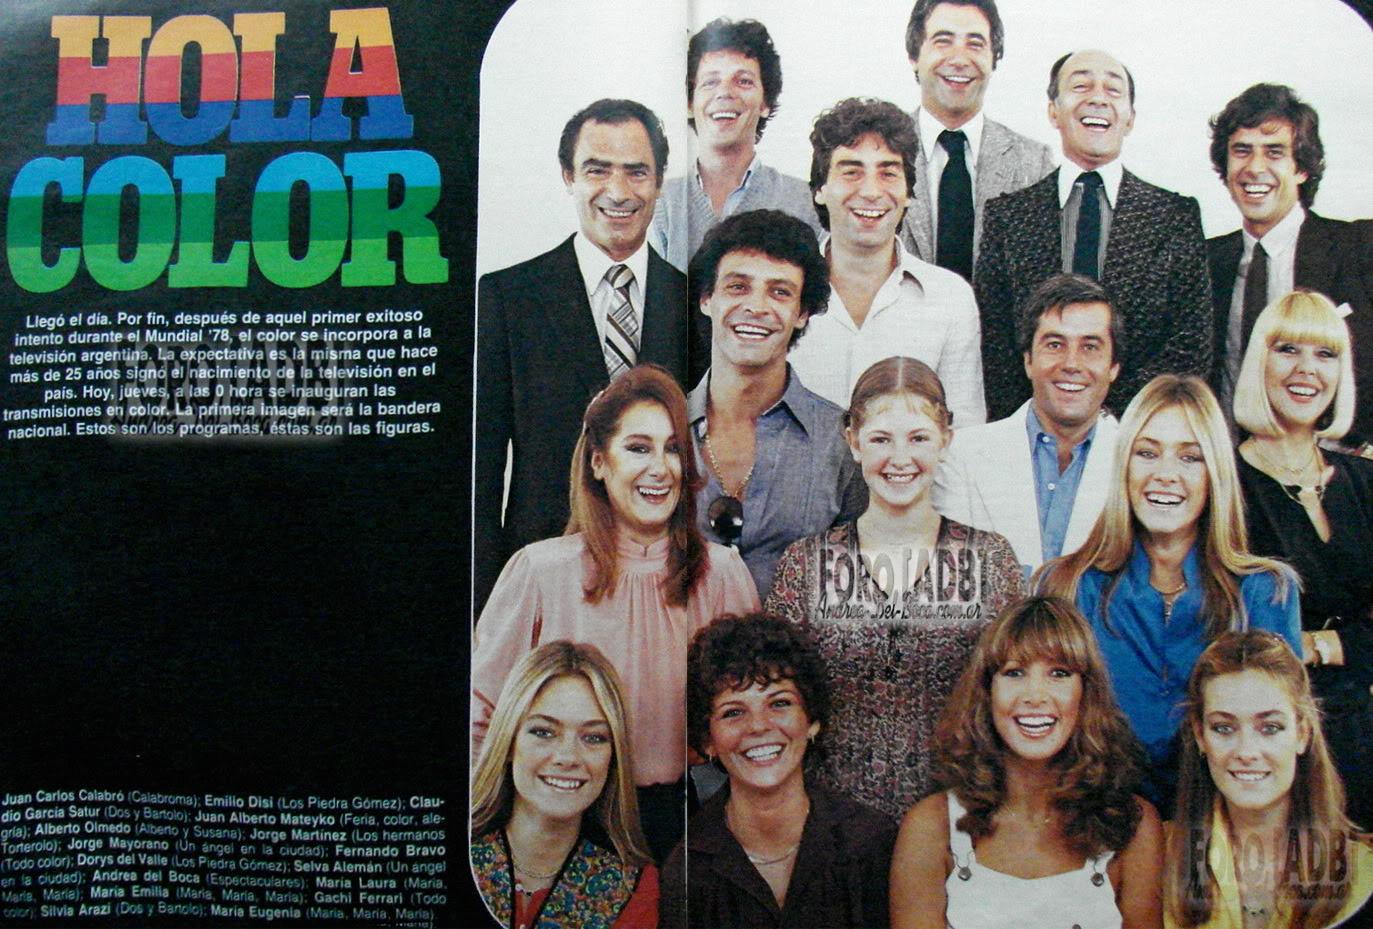 Фотографии / Fotos (часть 4) - Página 2 Hola-color